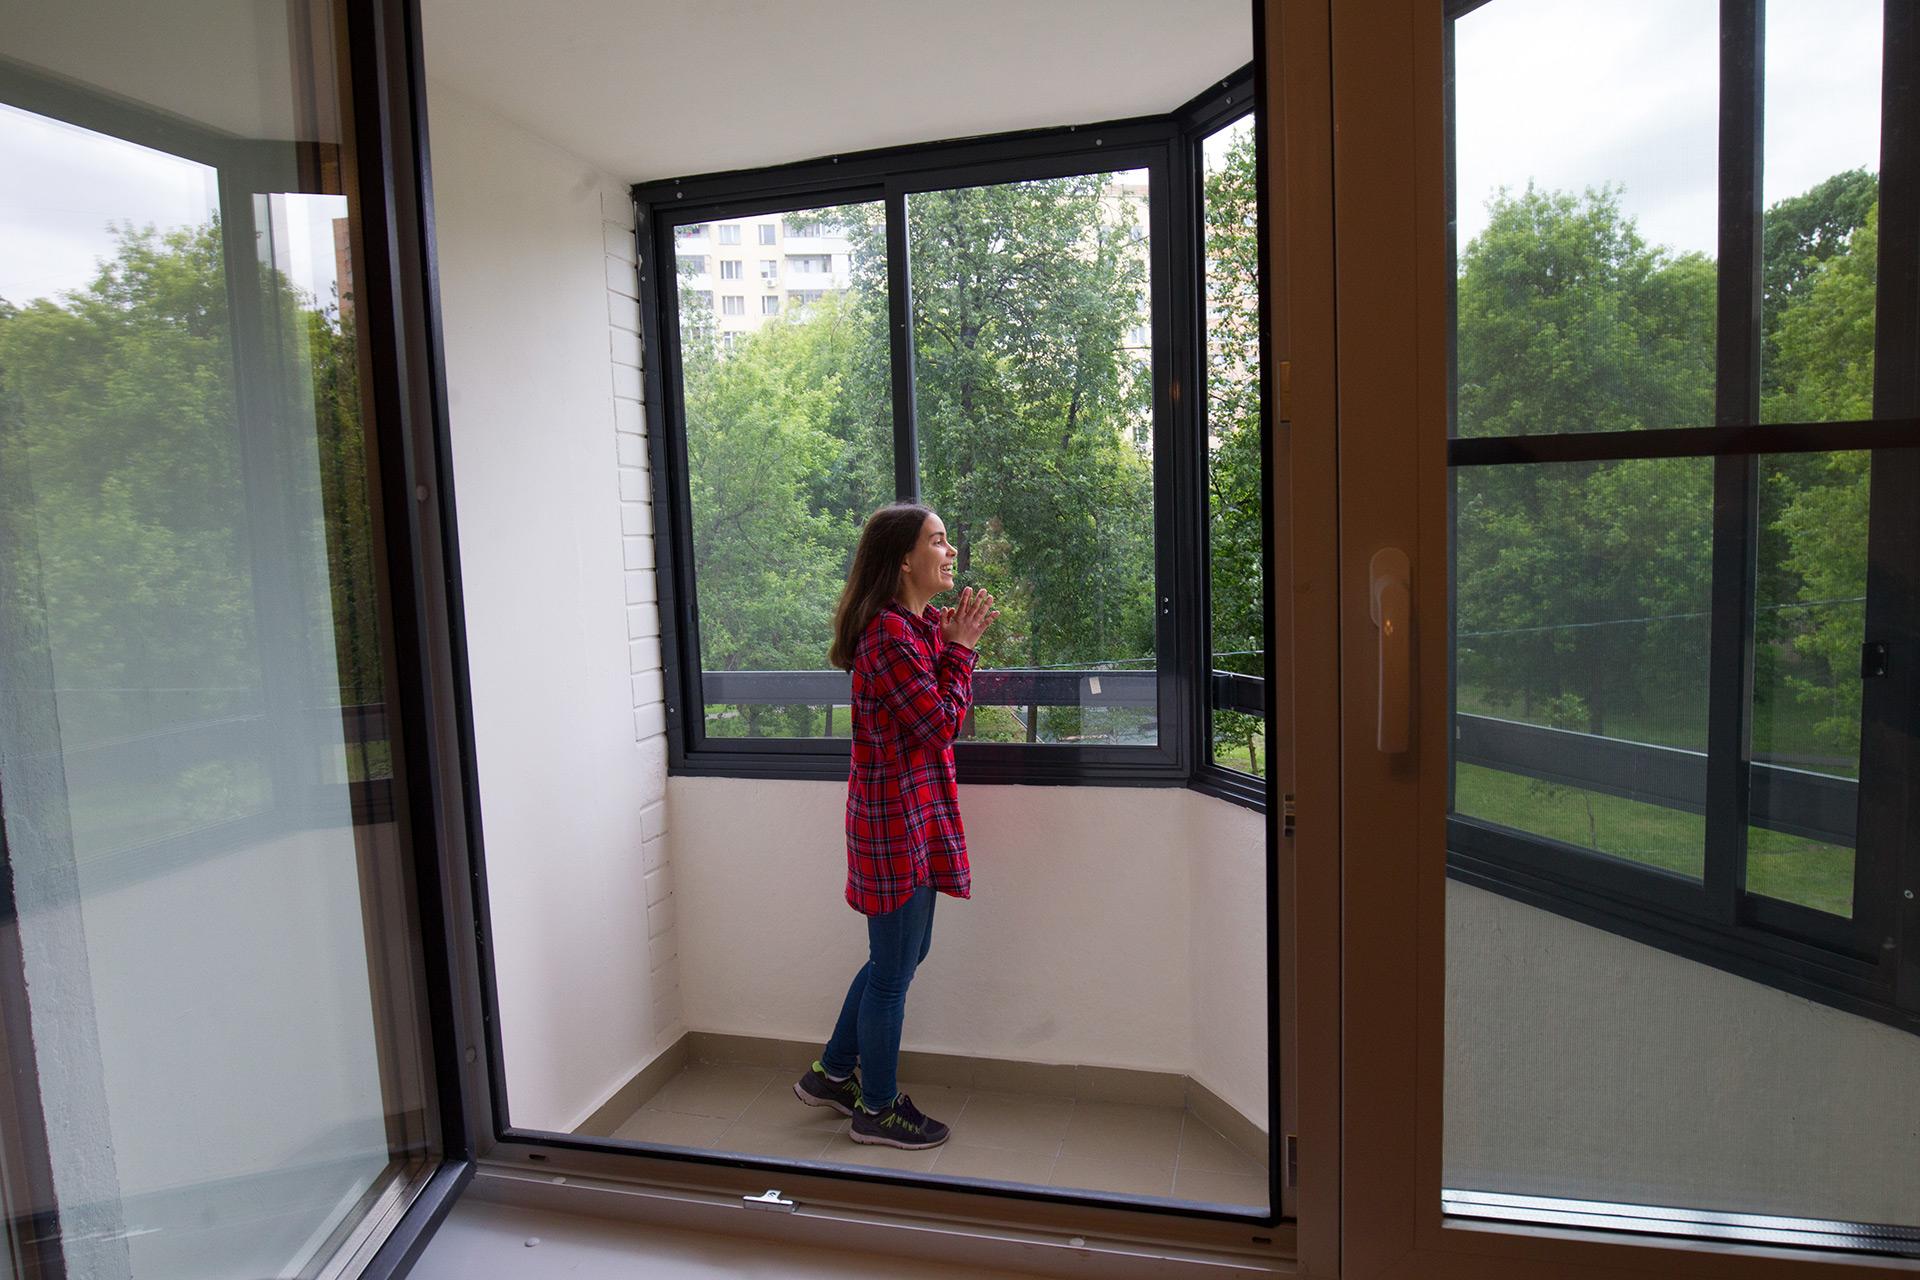 Балкон в новом многоквартирном доме, который построен в рамках программы реновации жилищного фонда столицы